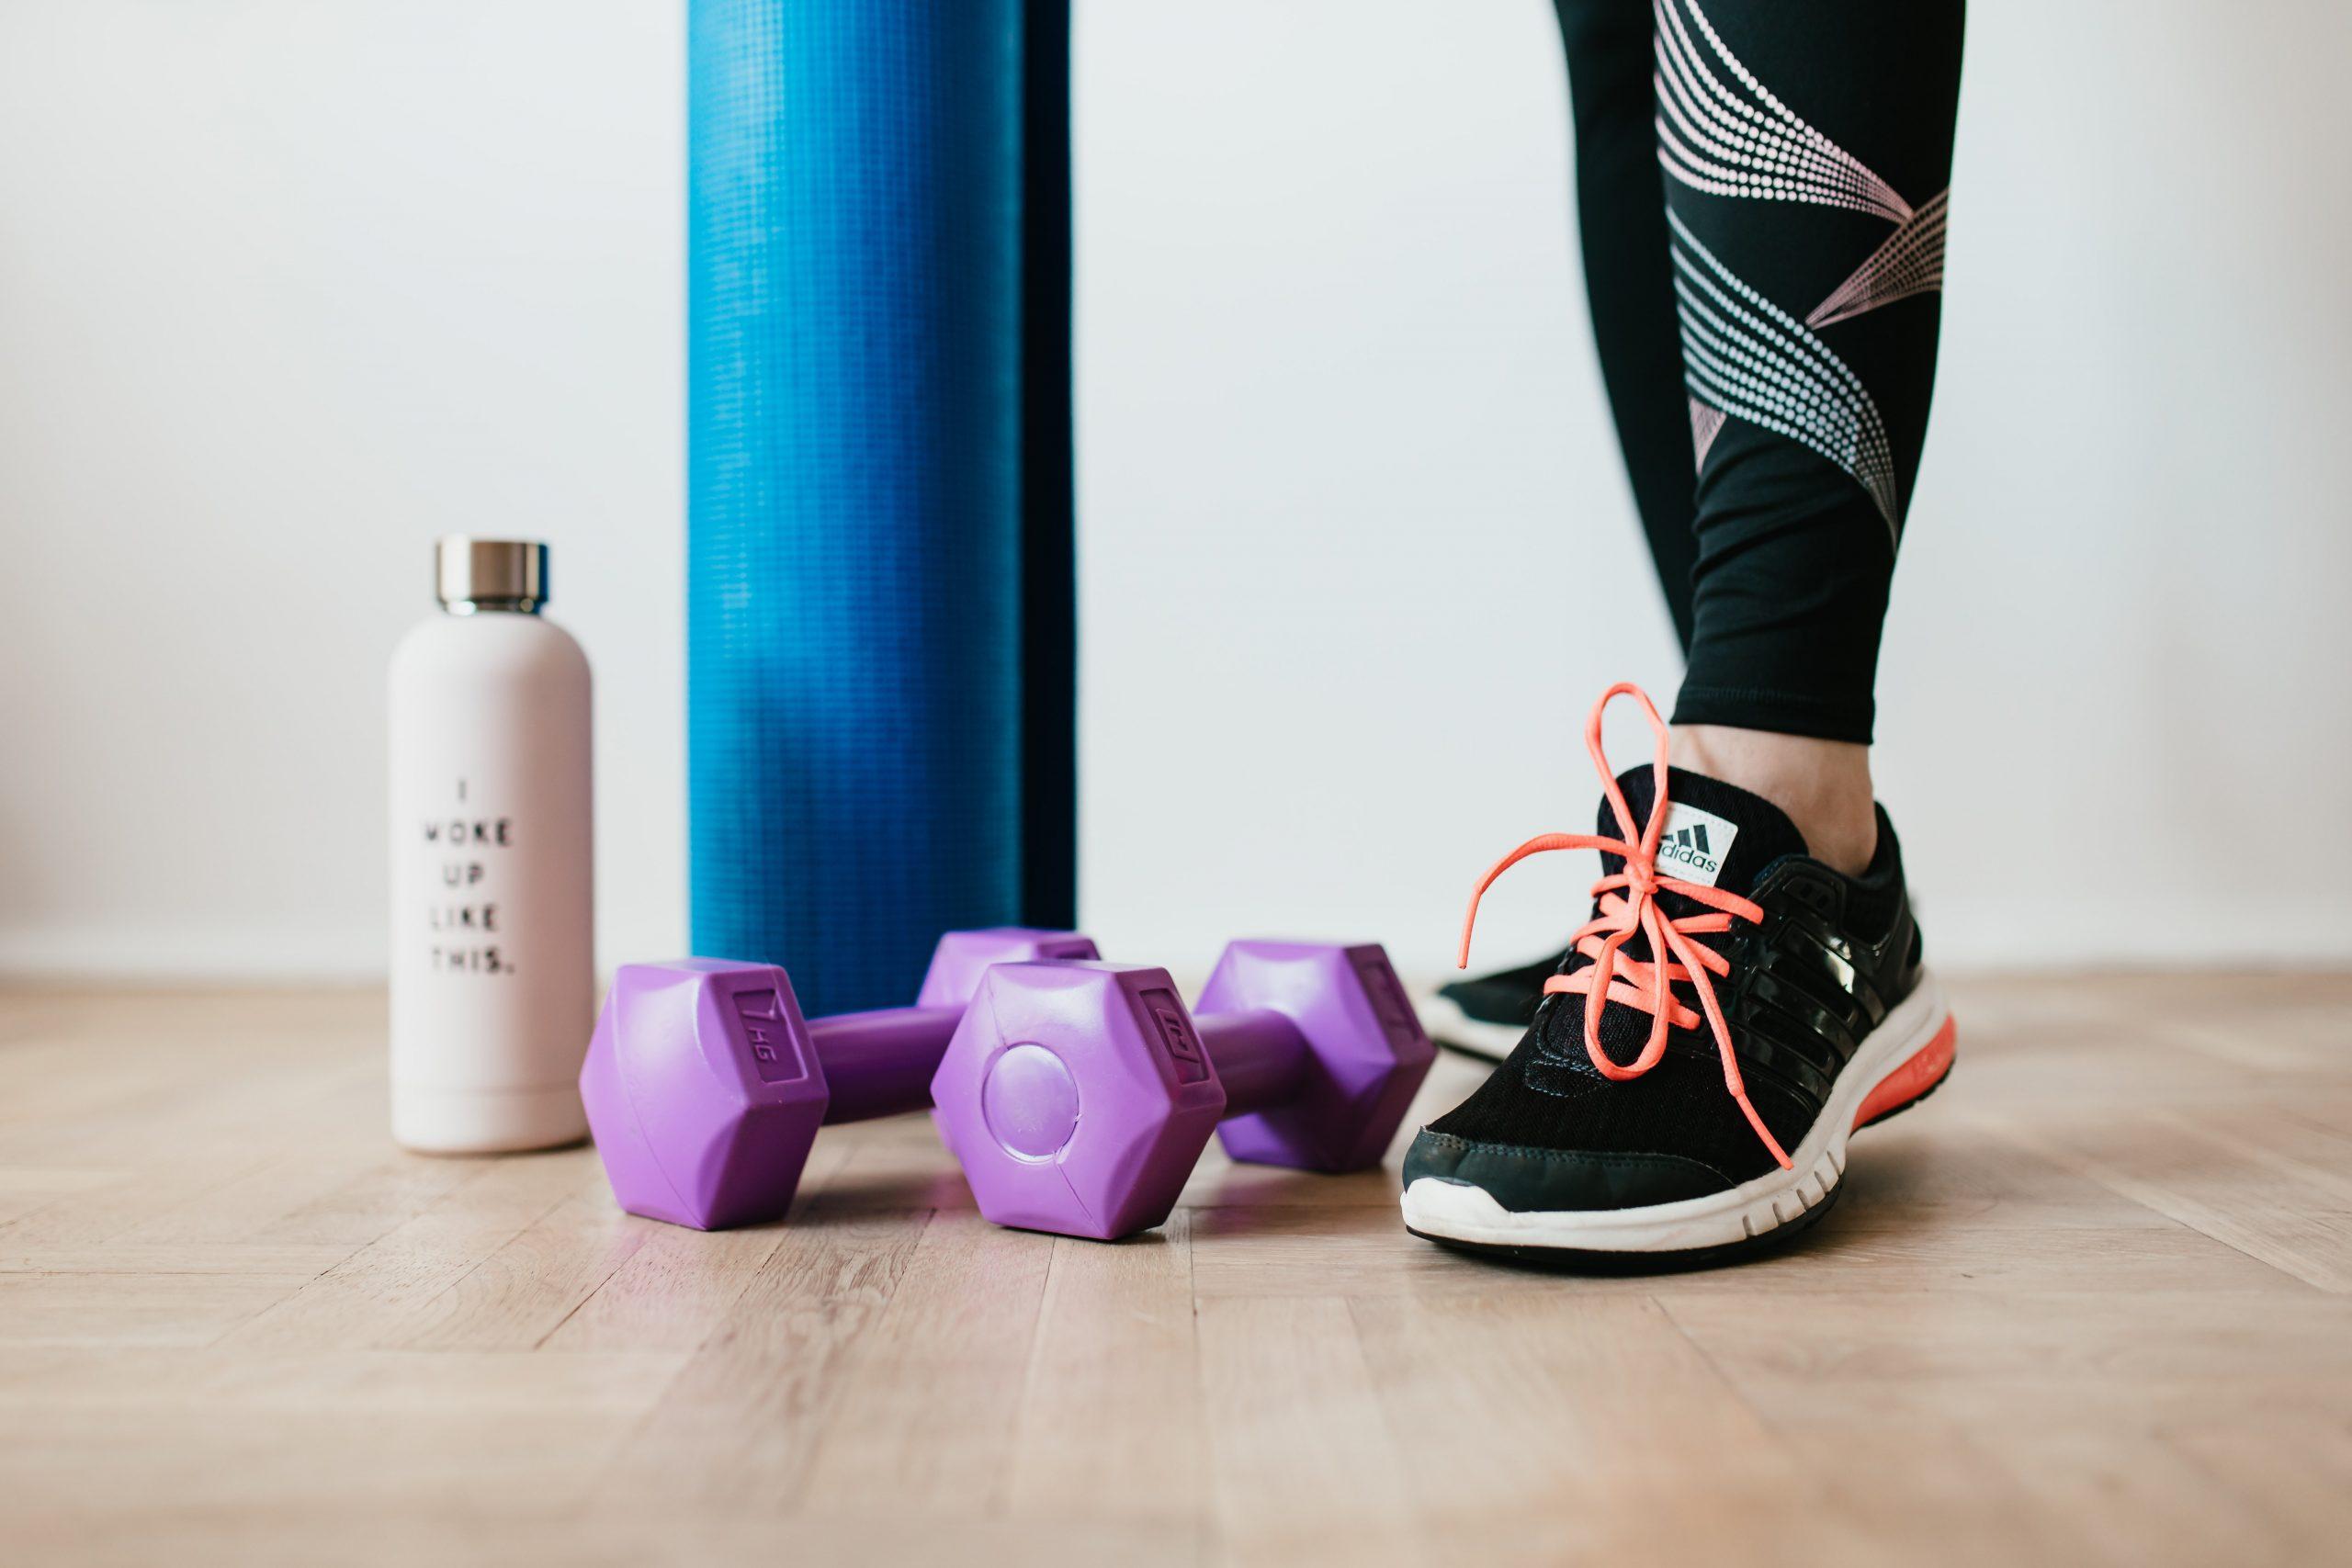 Das sind die 9 Fitness Trends 2022 – von einer Fitnesstrainerin bewertet